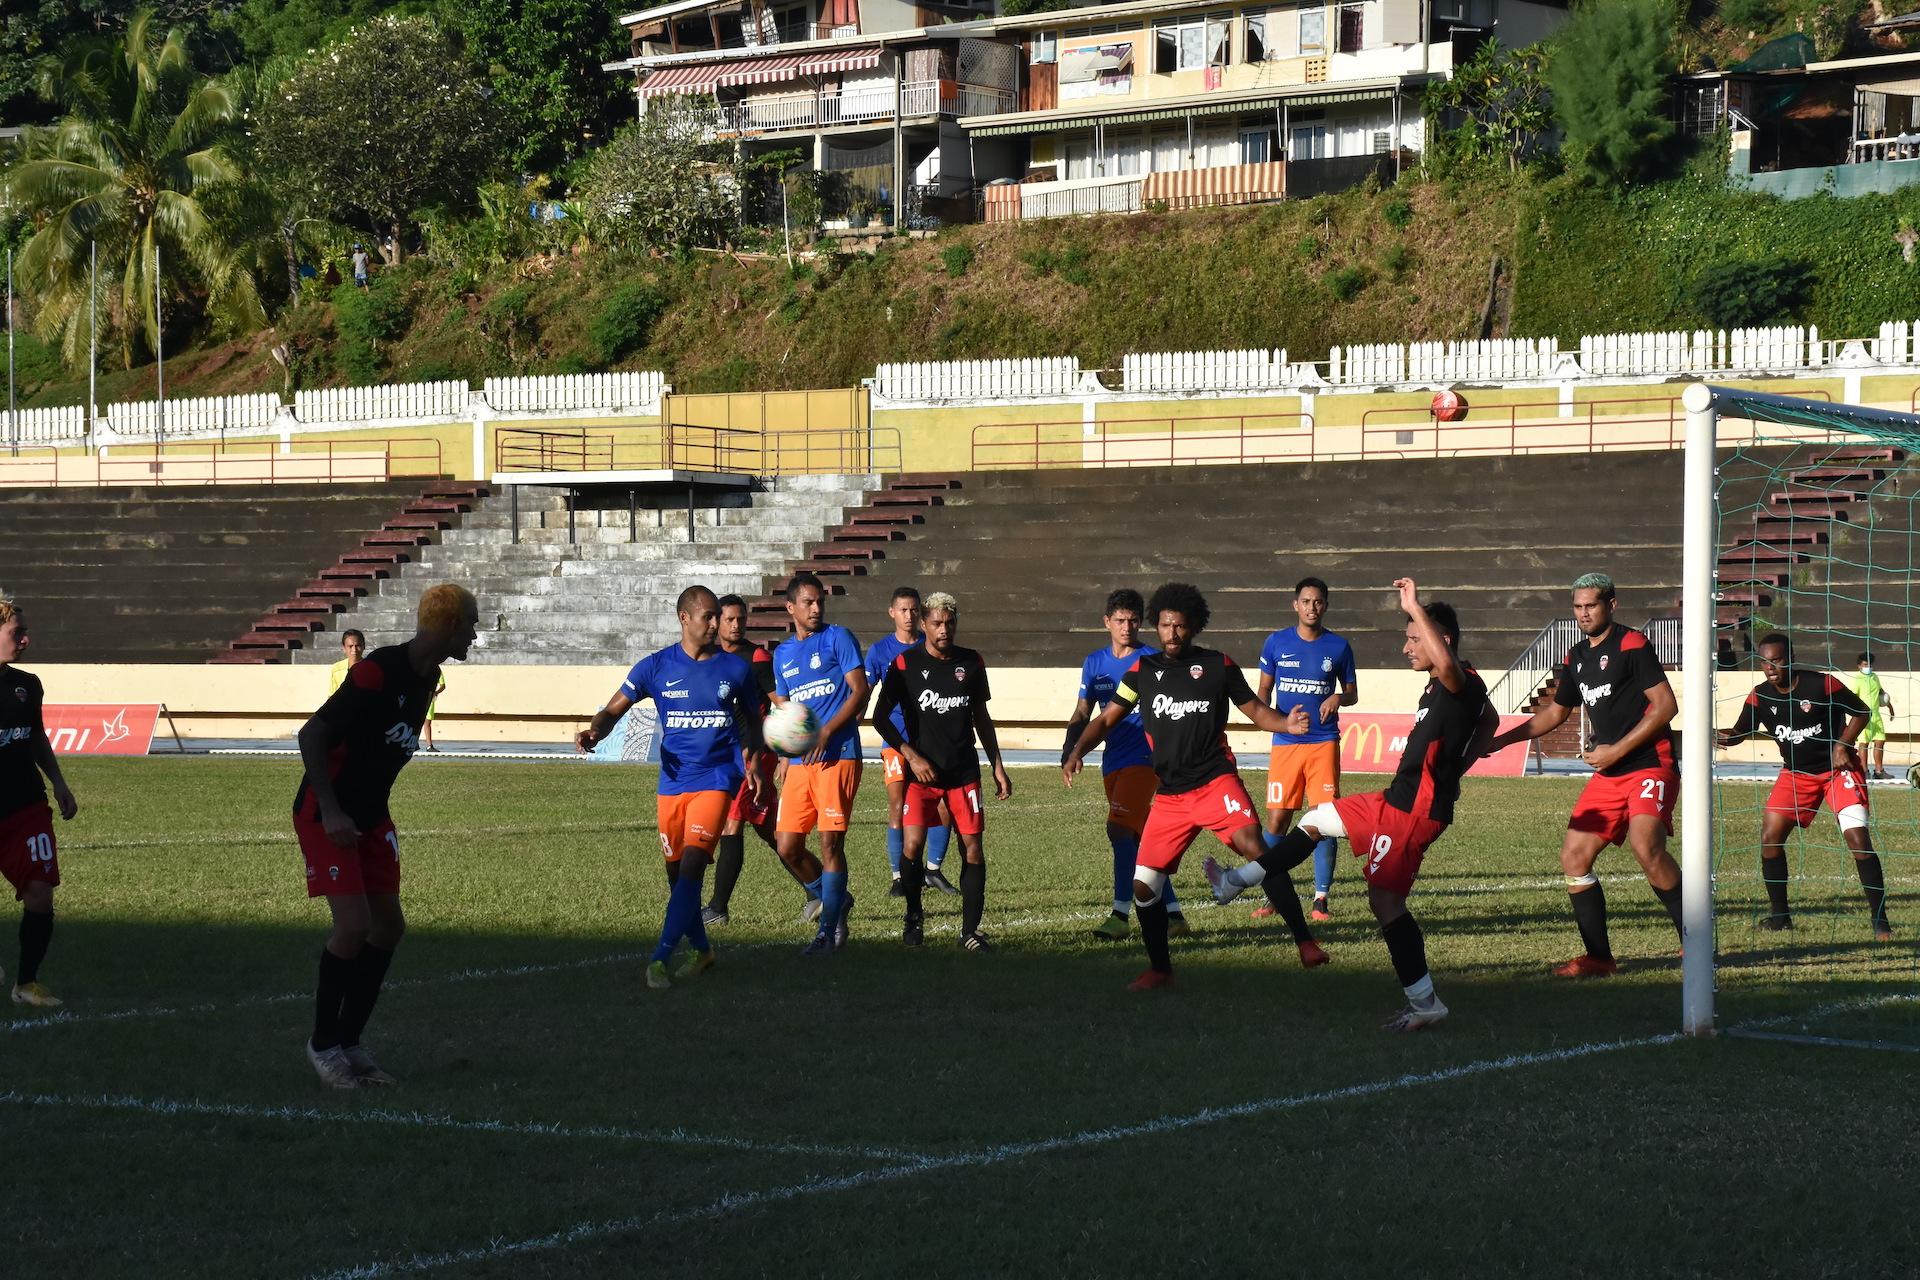 Les joueurs de Dragon ont buté en première mi-temps face à une équipe de Central solidaire en défense.